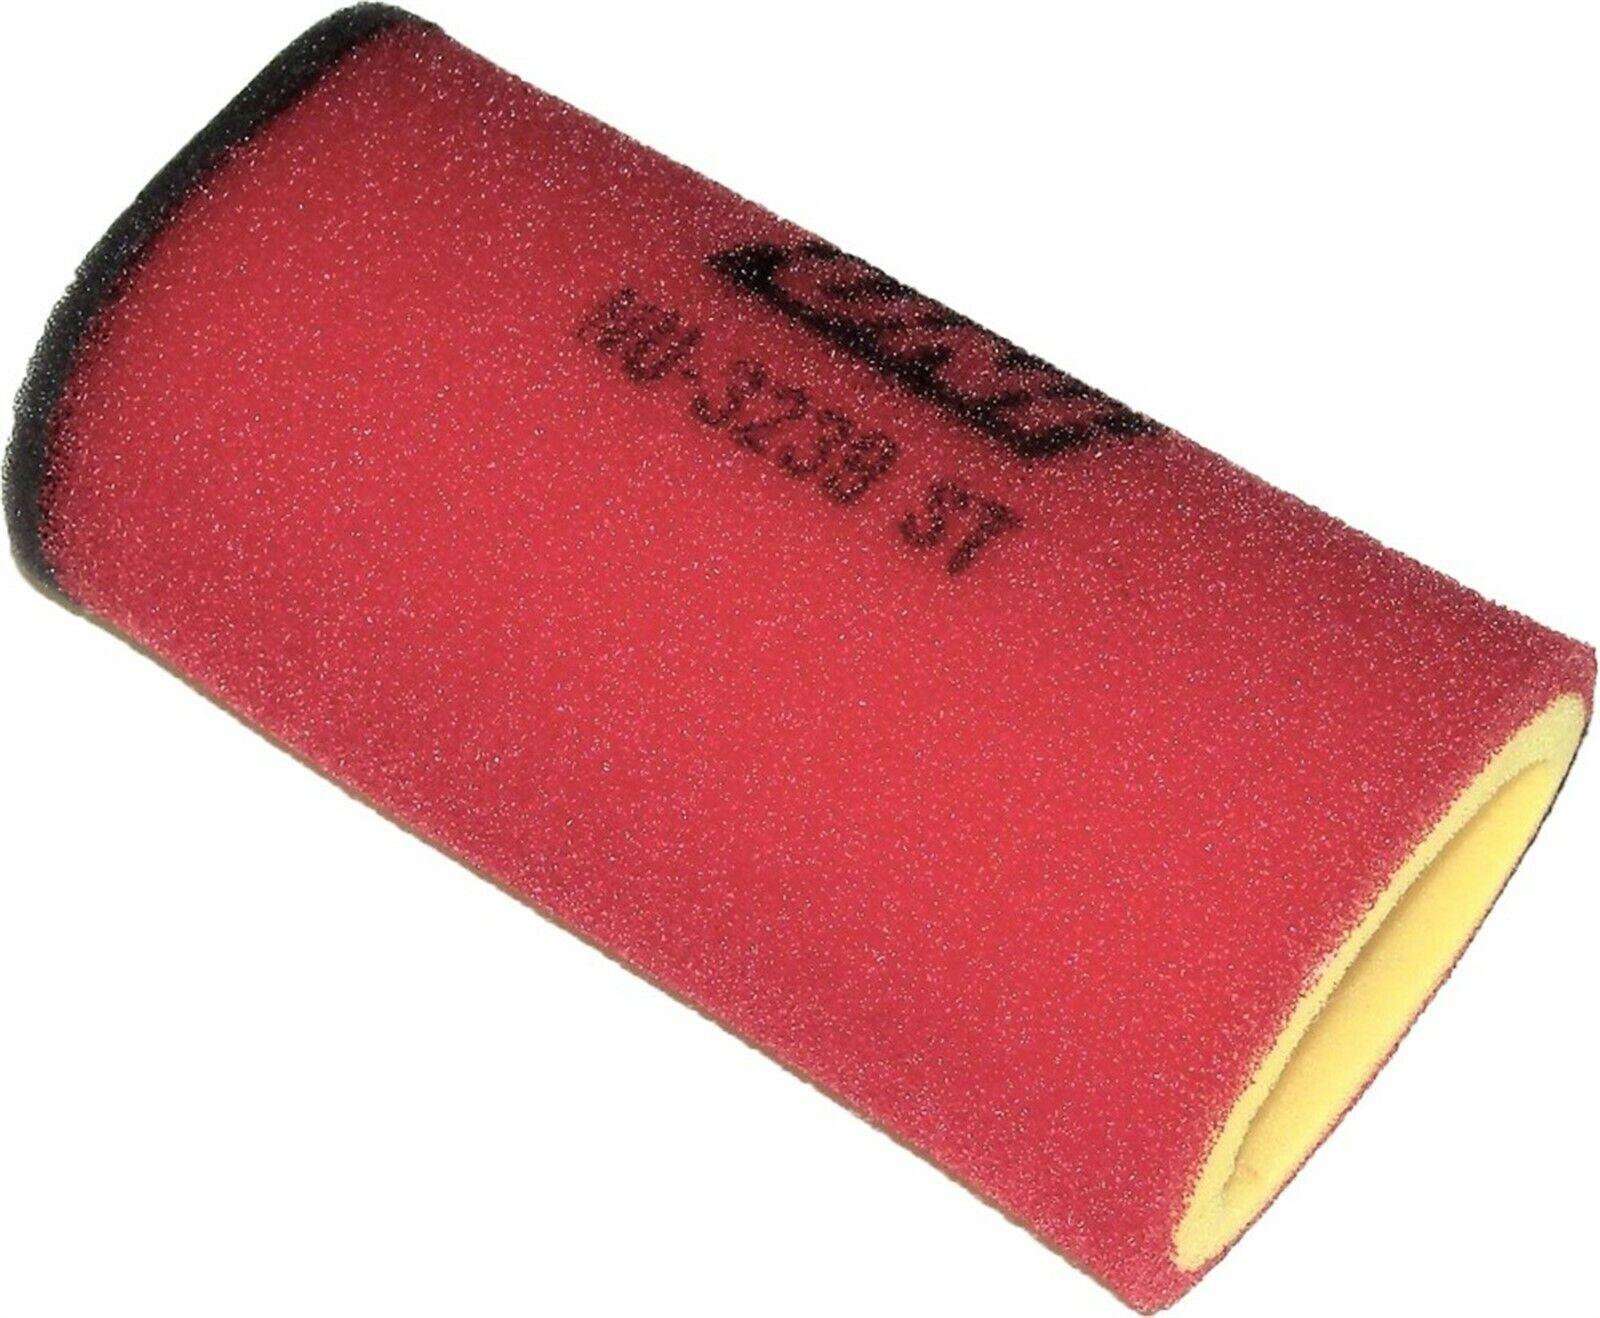 Uni Dual Stage Air Filter Yamaha Kodiak 400 2x4 /& 4x4 2000 2001 2002 NU-3239ST